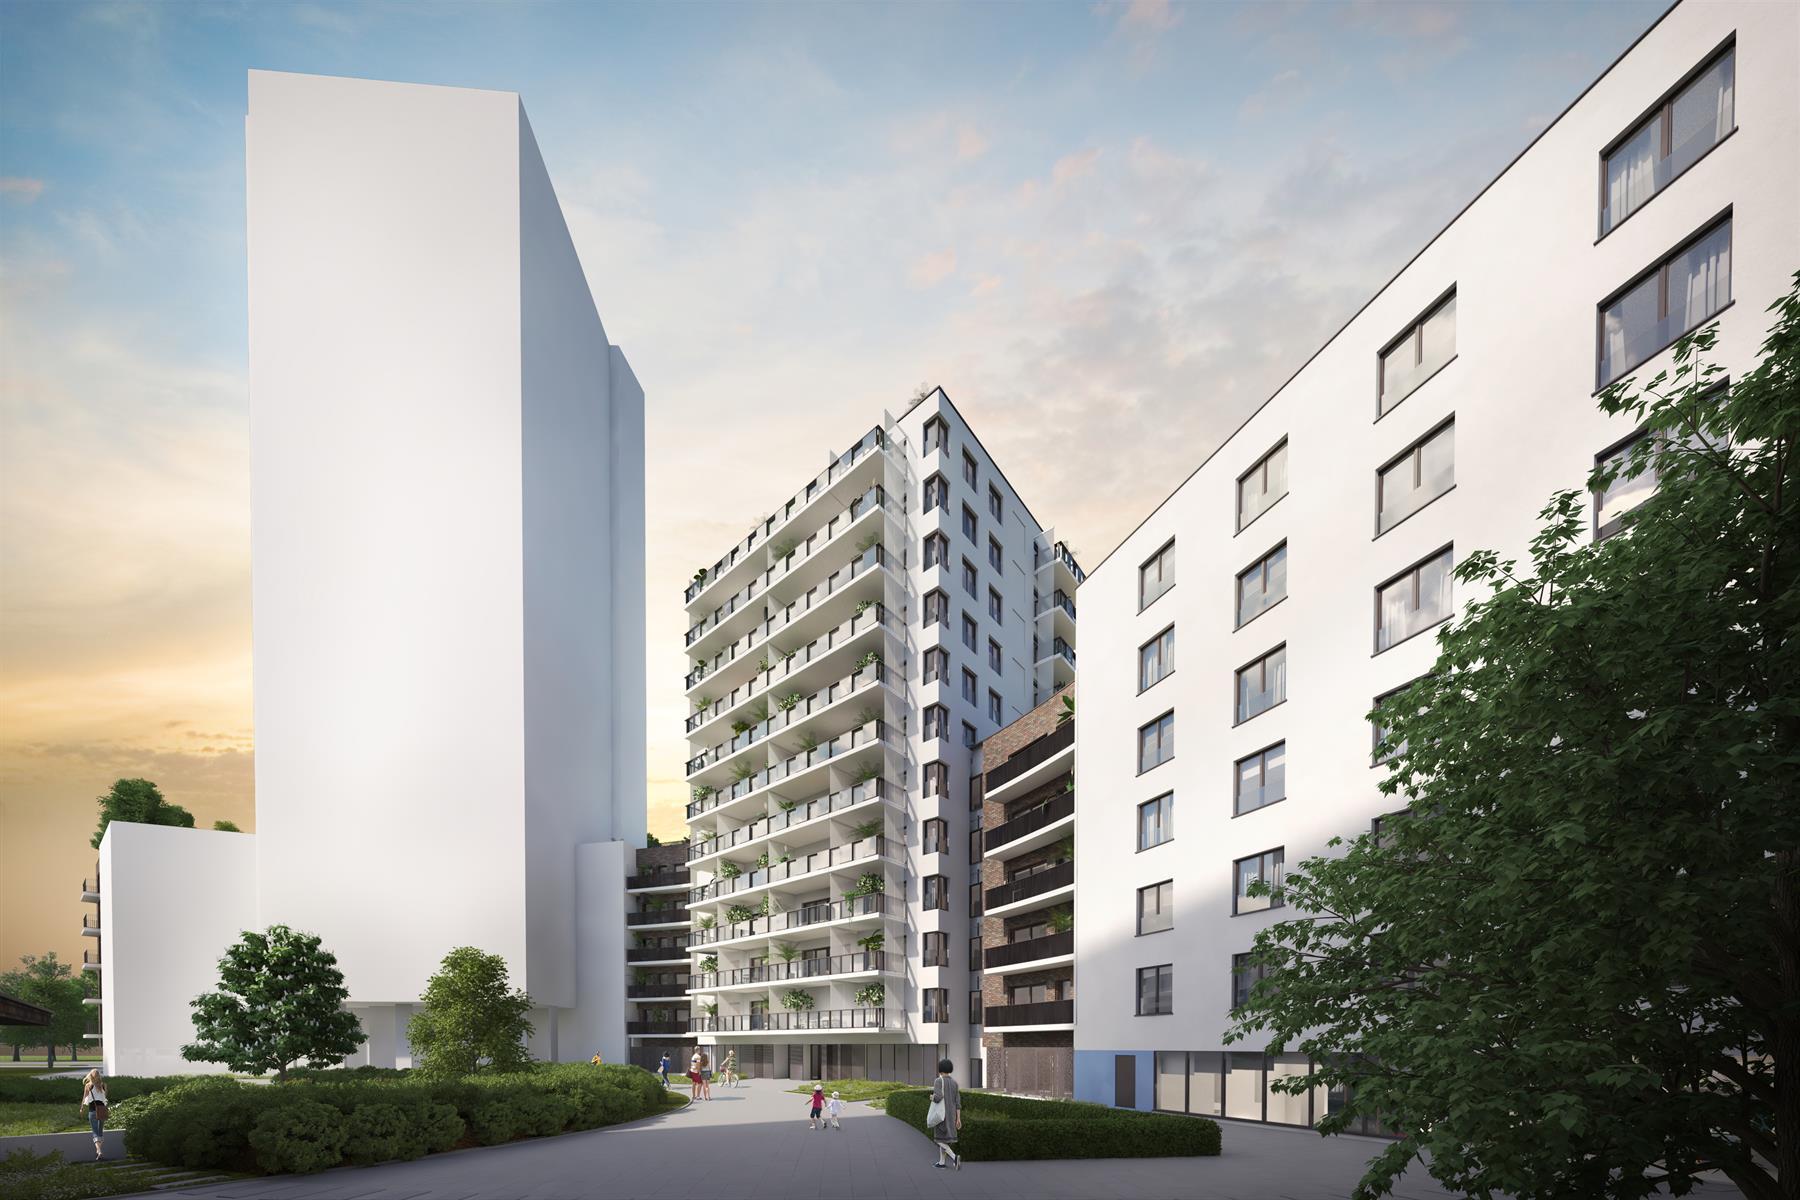 Flat - Ixelles - #4360954-7